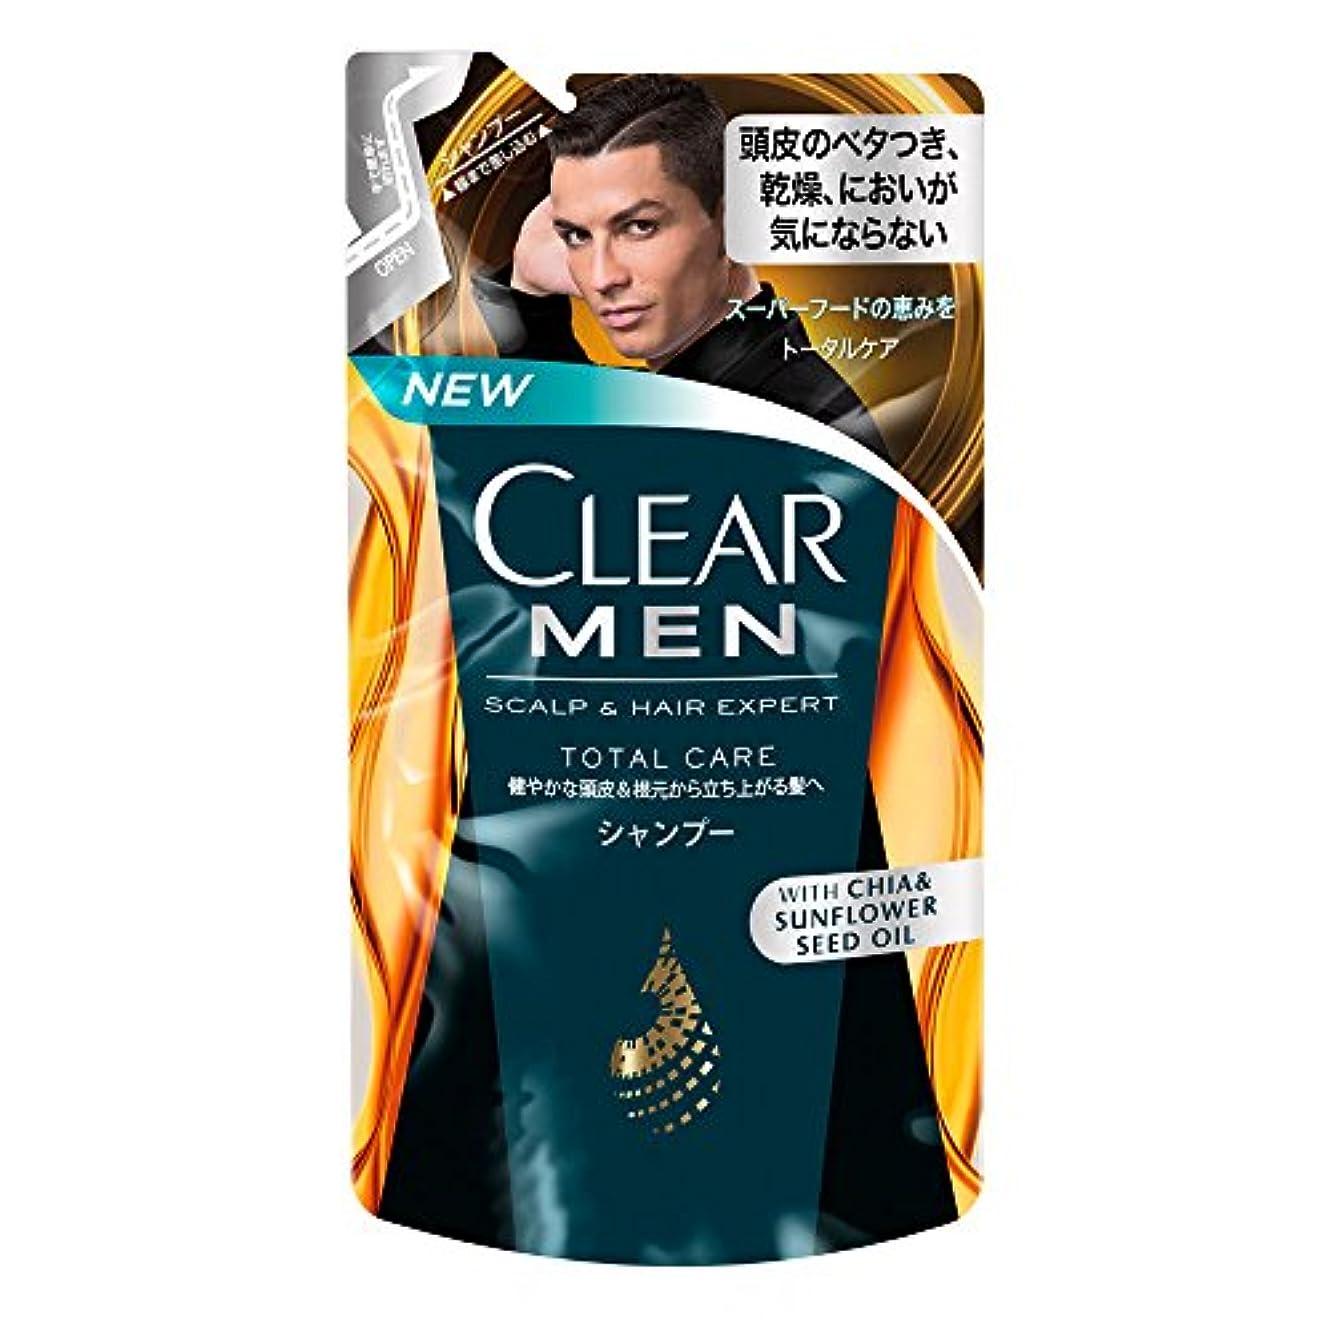 養う過半数評価可能クリア フォーメン トータルケア 男性用シャンプー つめかえ用 (健やかな頭皮へ) 280g